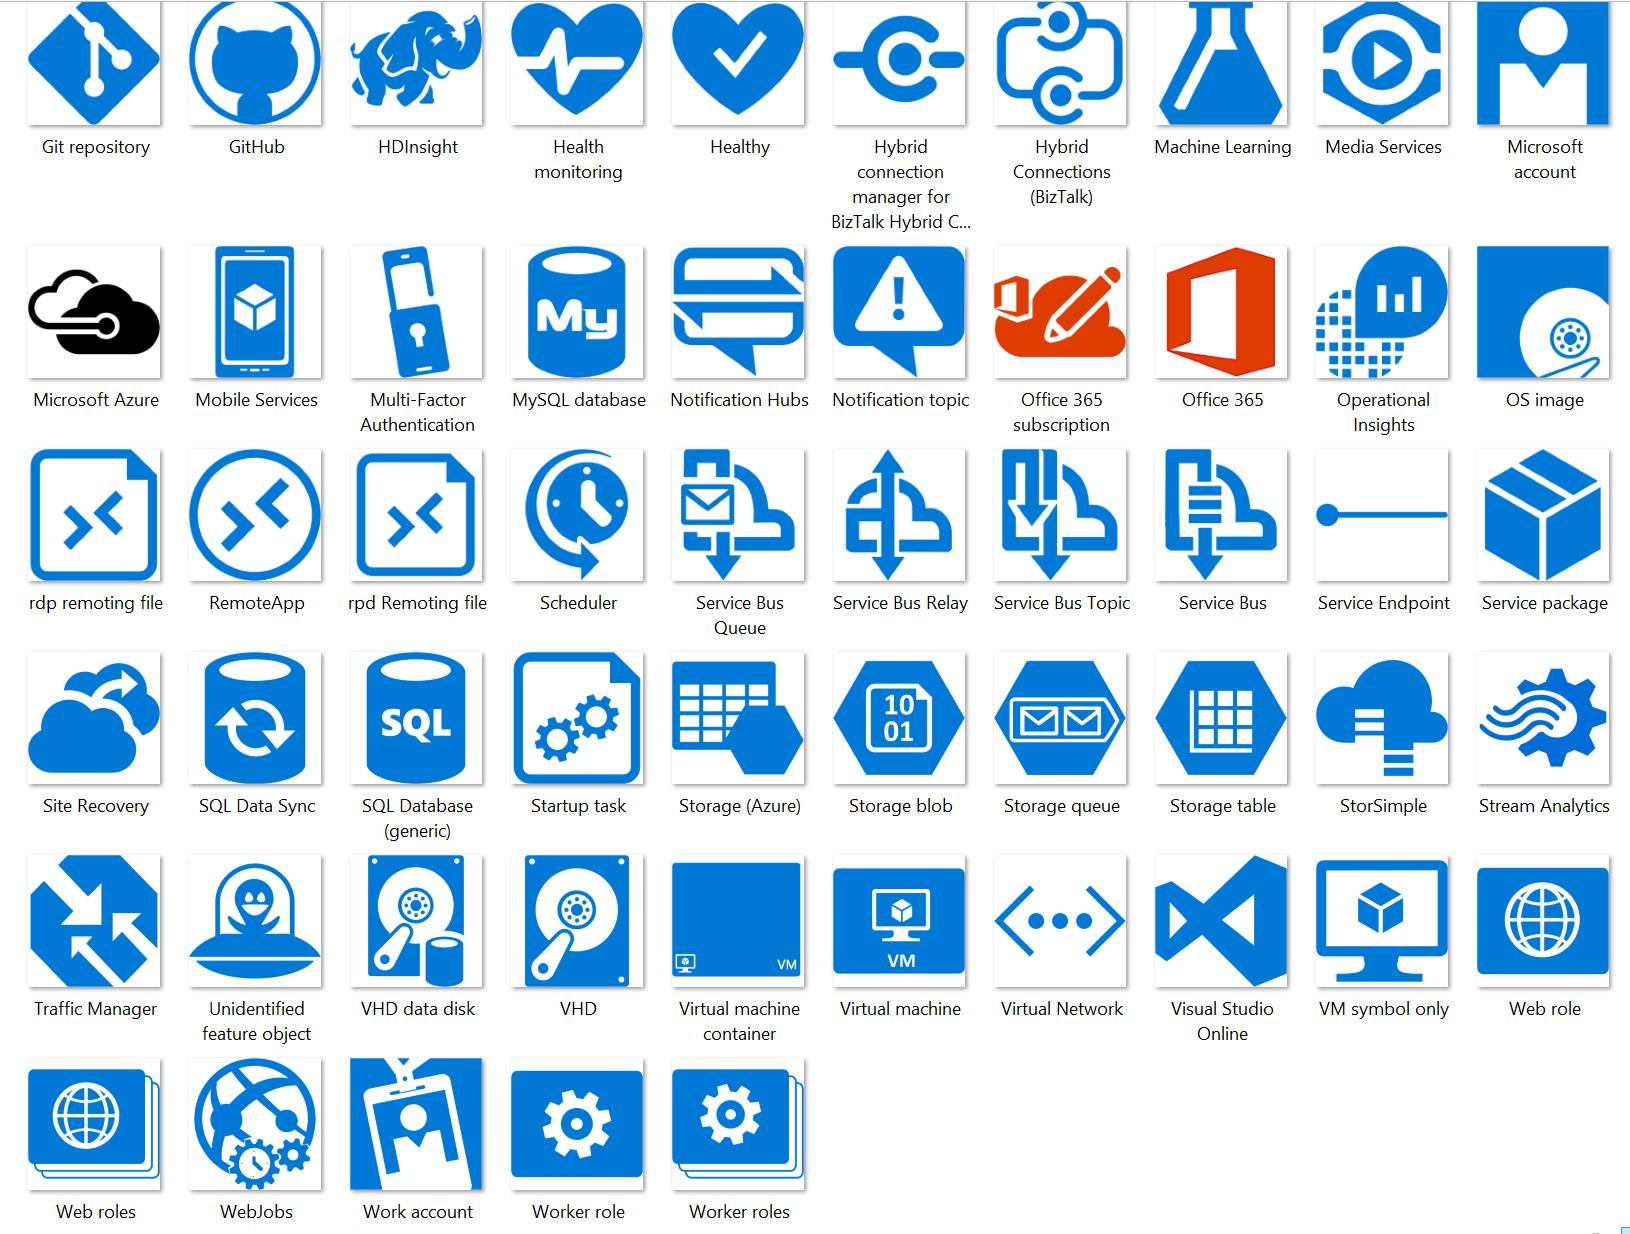 Sharepoint 2013 visio stencils